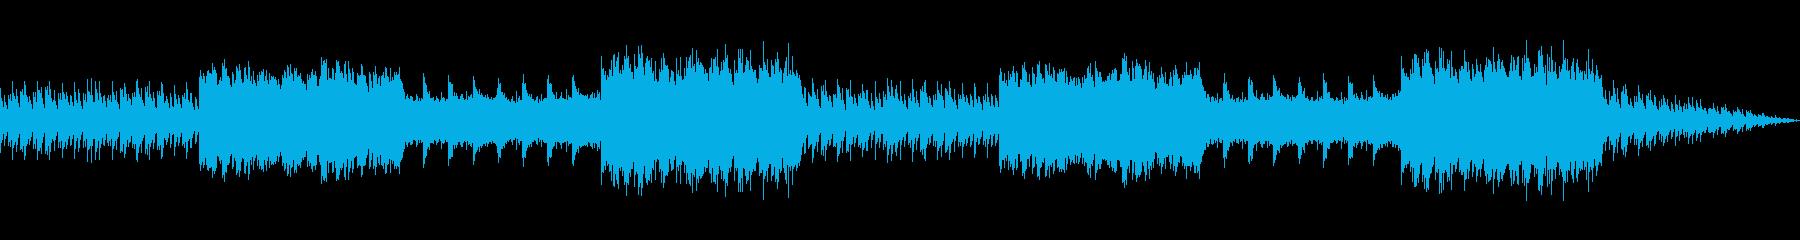 神秘的で落ち着いた雰囲気のBGMの再生済みの波形